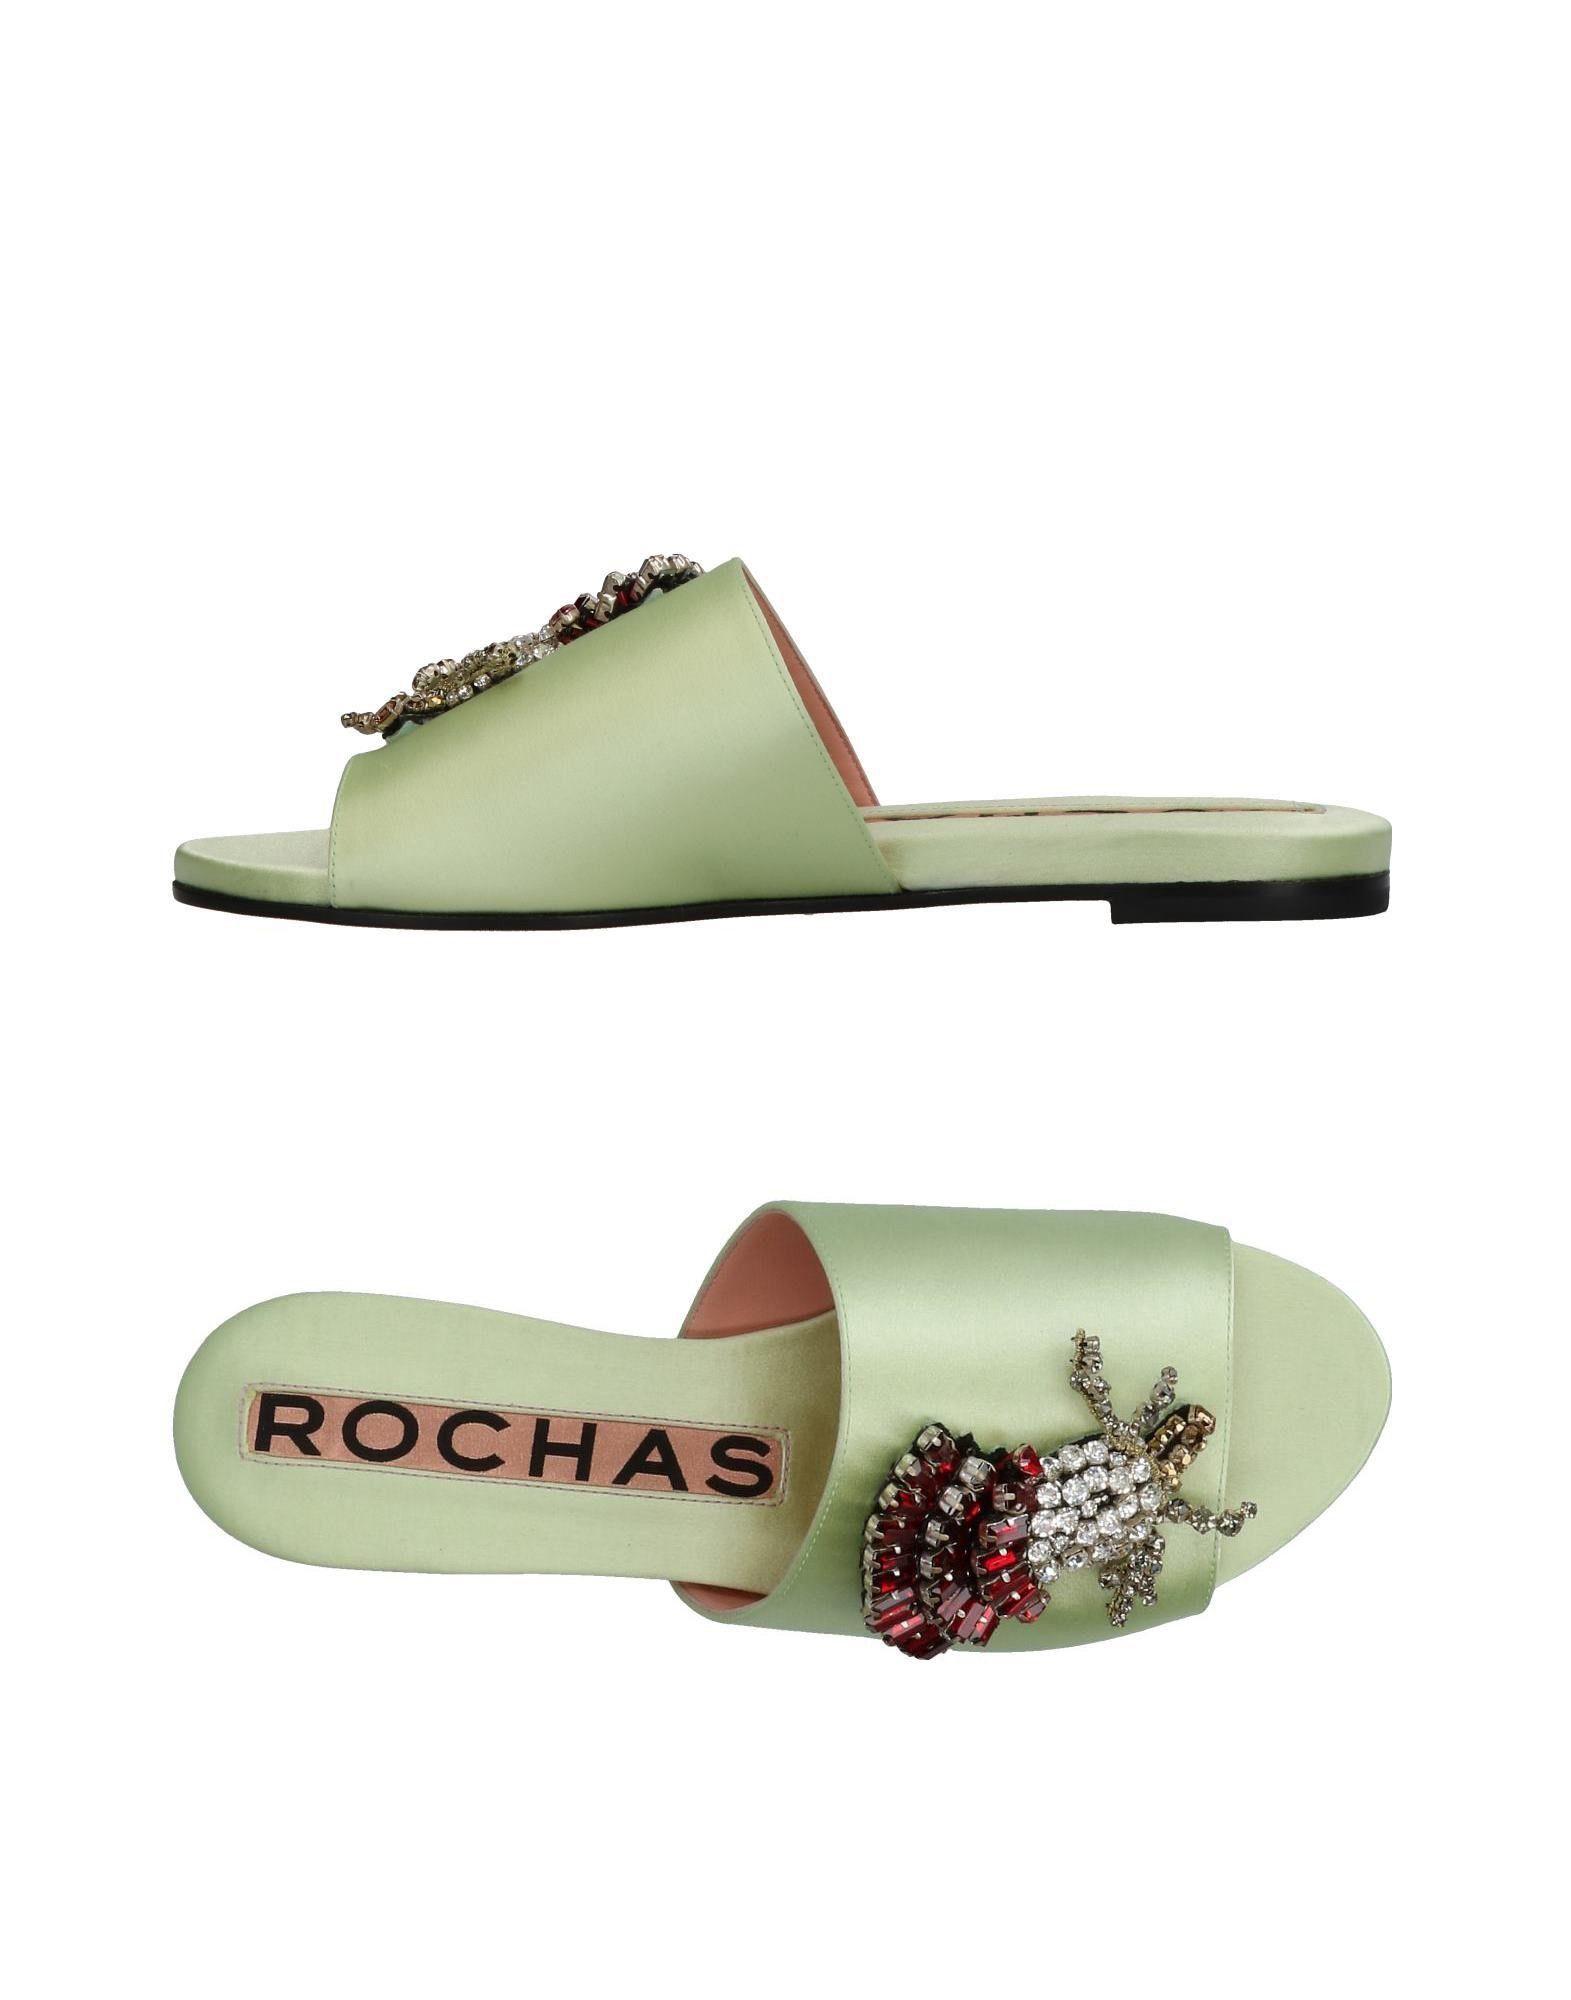 Rochas ShoesShoes ShoesShoes SandalsrochasshoesIn Rochas 2019 ShoesShoes SandalsrochasshoesIn Rochas SandalsrochasshoesIn 2019 Rochas 2019 SandalsrochasshoesIn b6IYvf7ygm